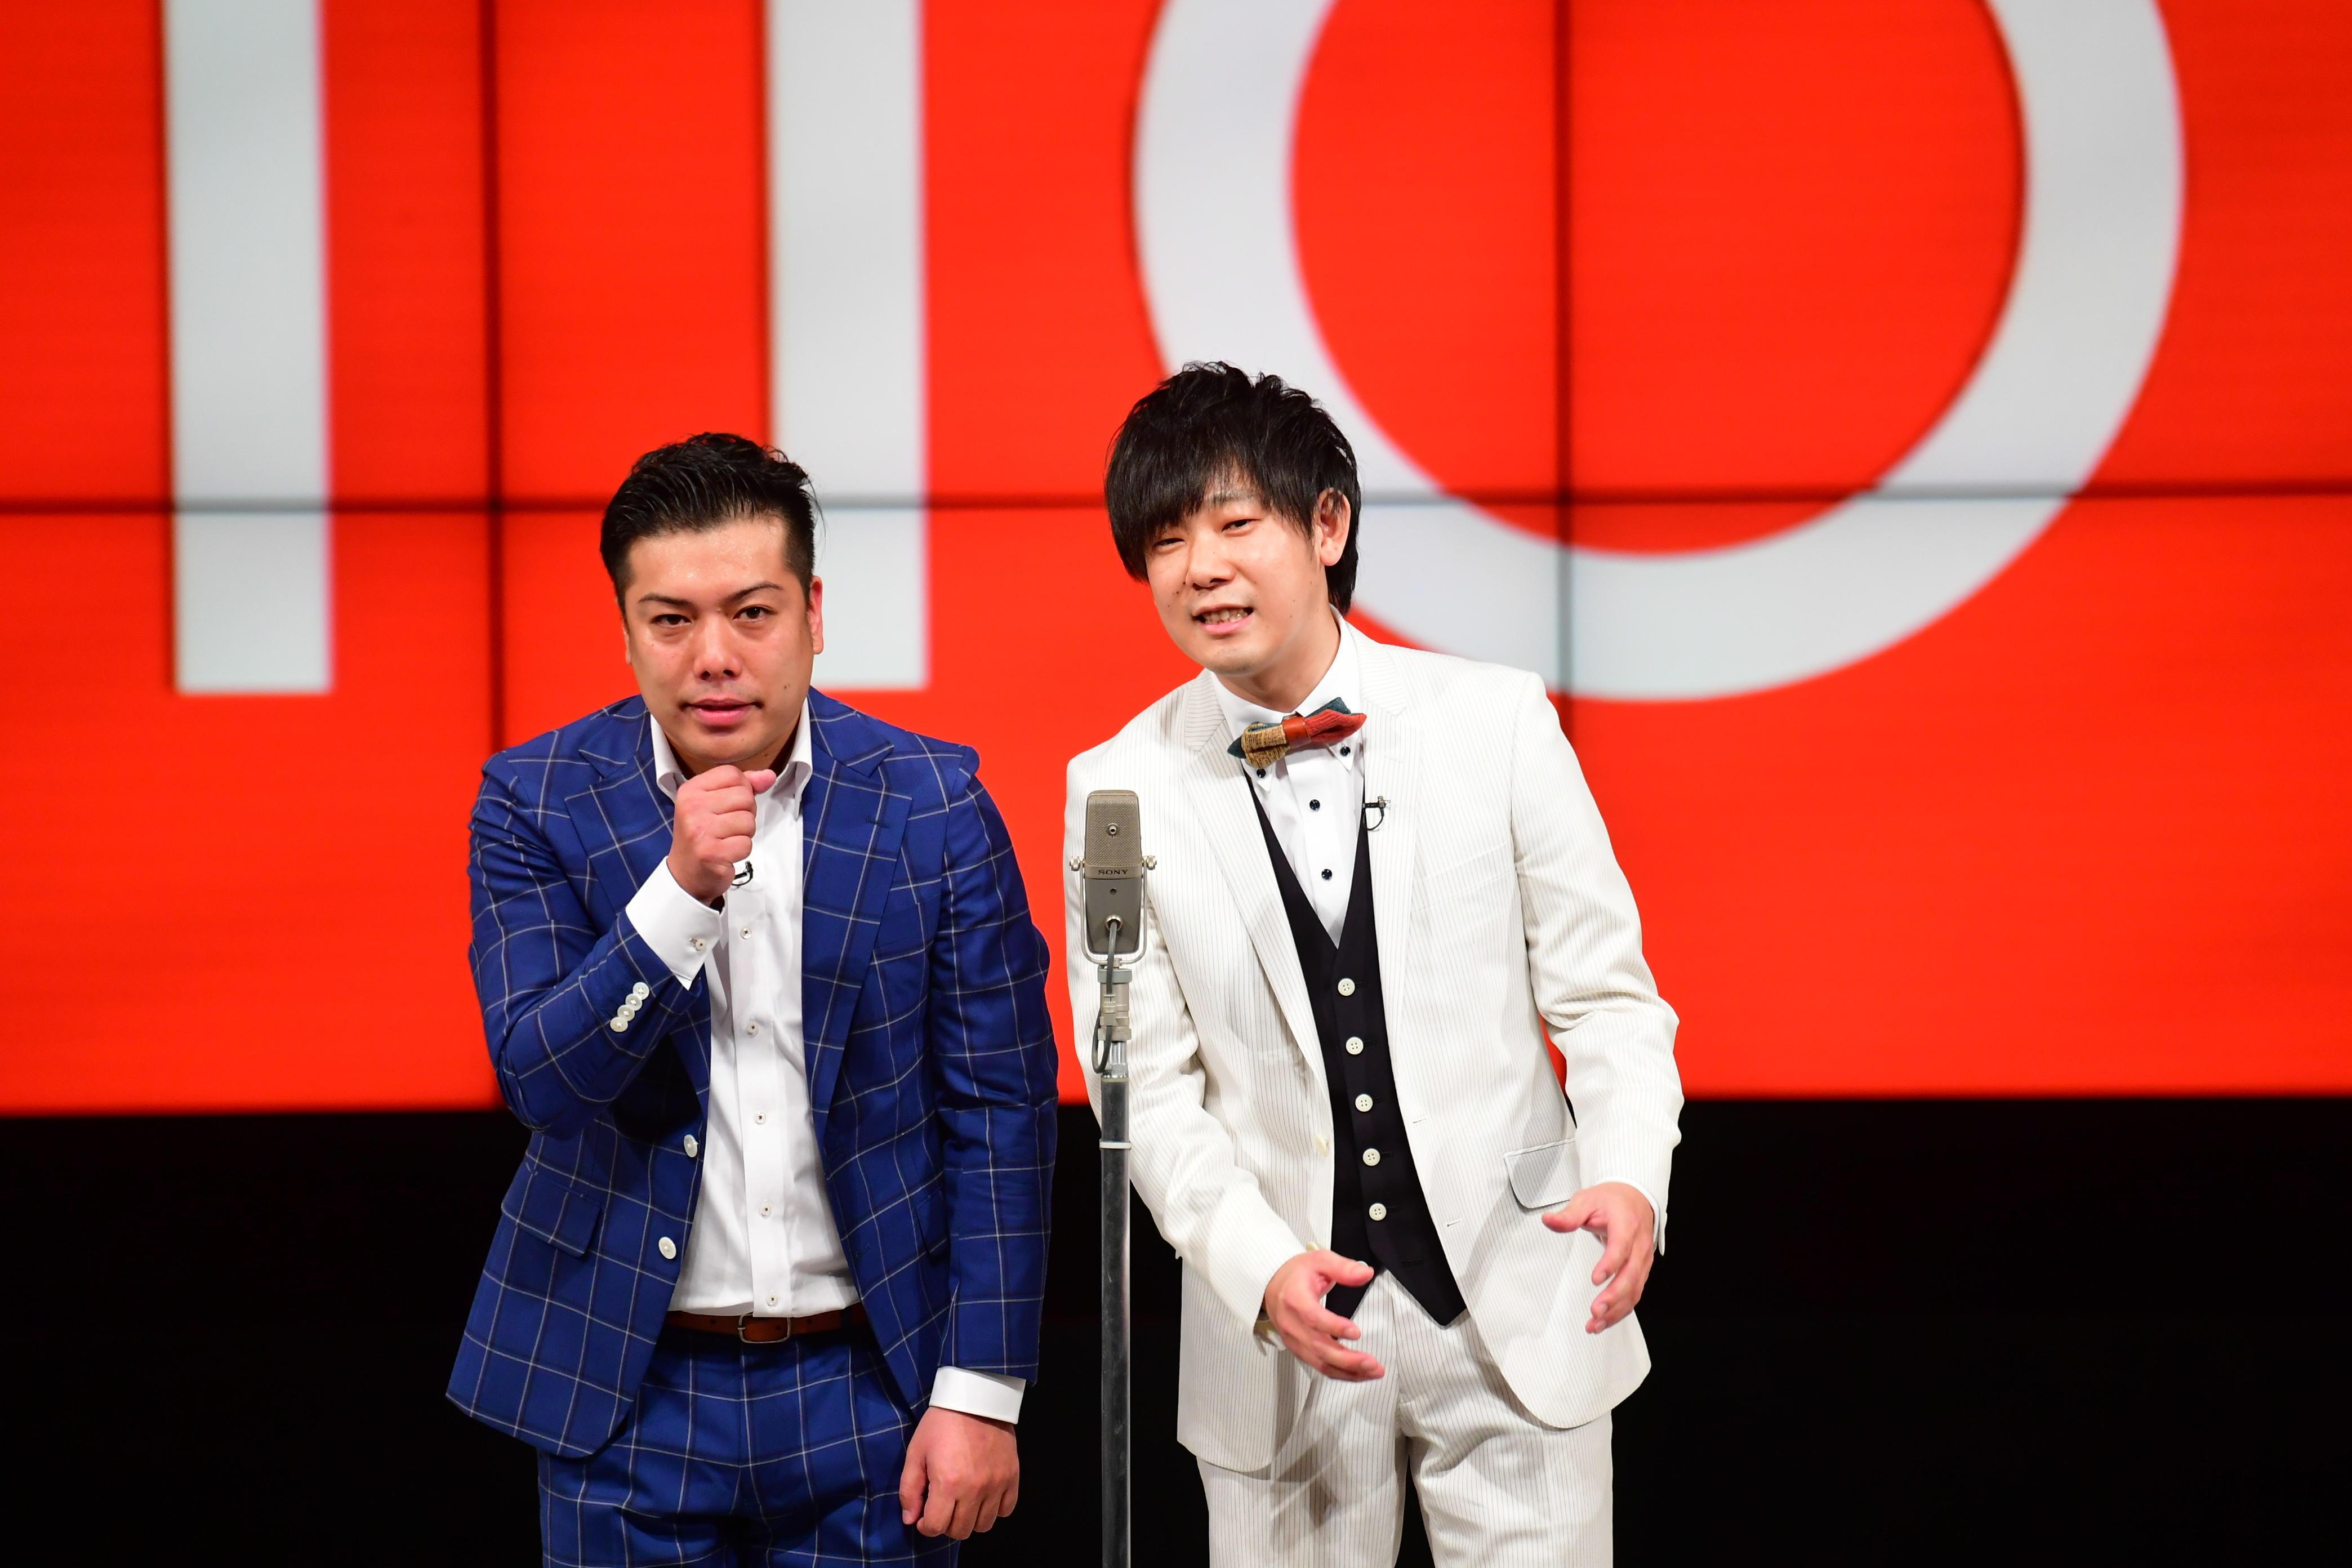 http://news.yoshimoto.co.jp/20190128185854-48e51340815730c1a4aac457d6eb475b1b276eb1.jpg